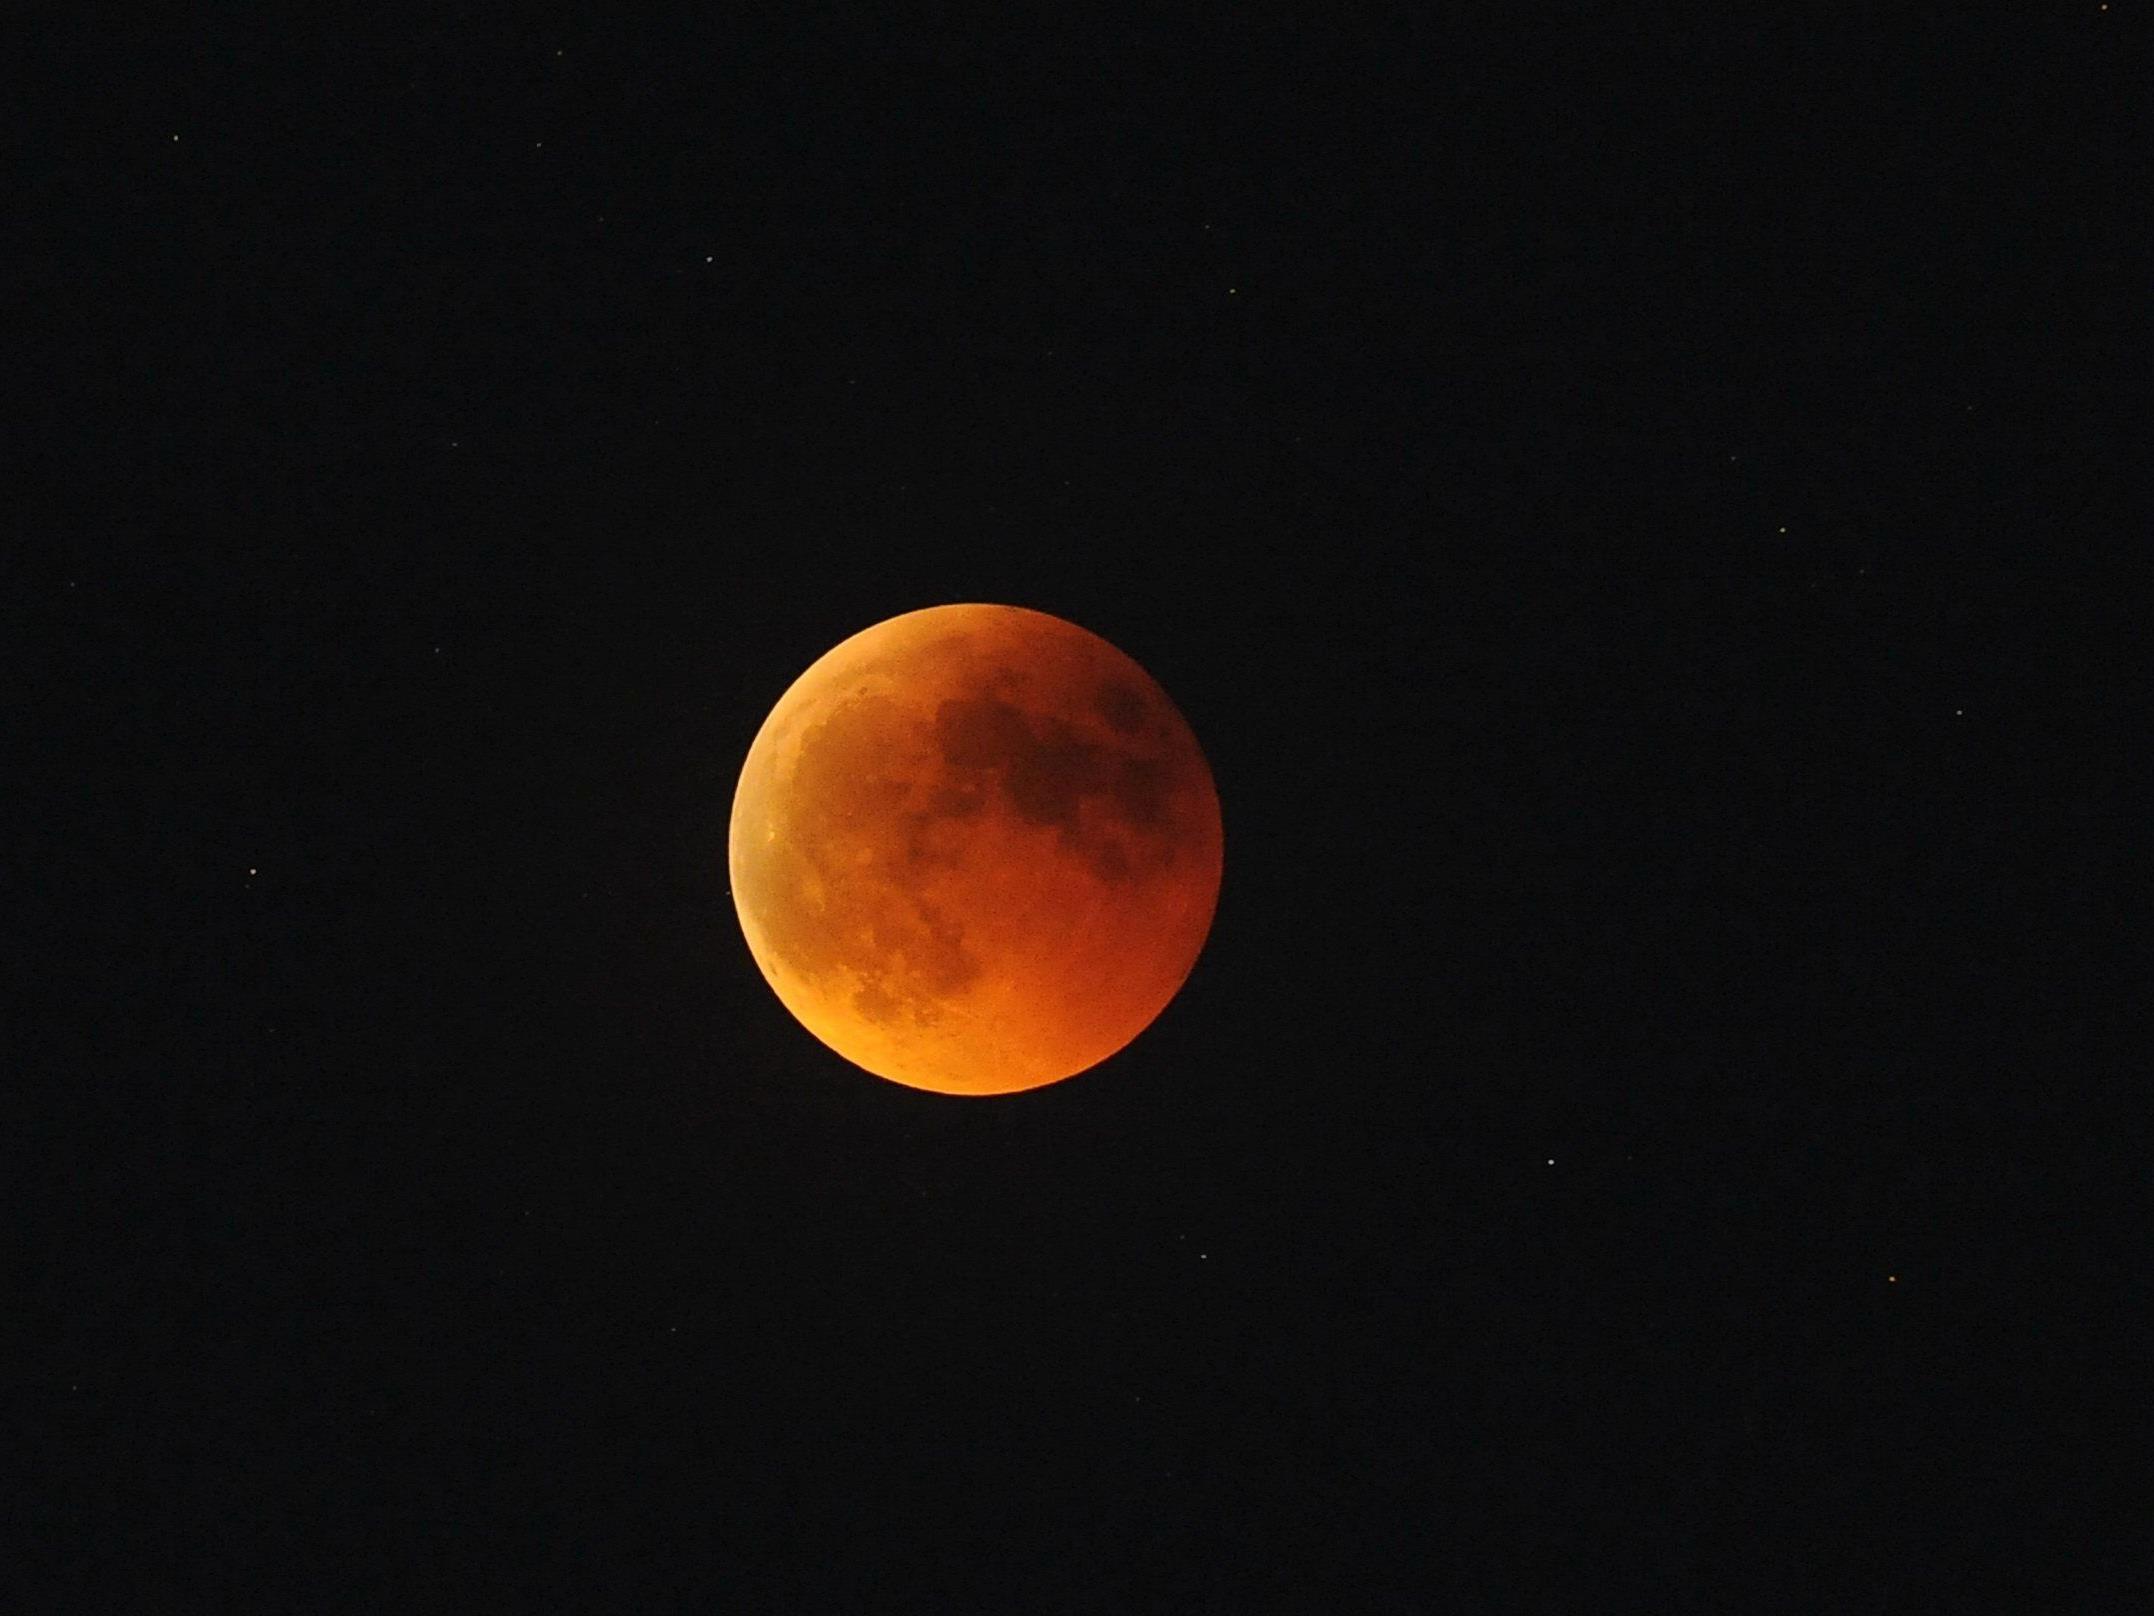 In der Nacht auf den 28. September schmückt ein blutroter Mond den Himmel.